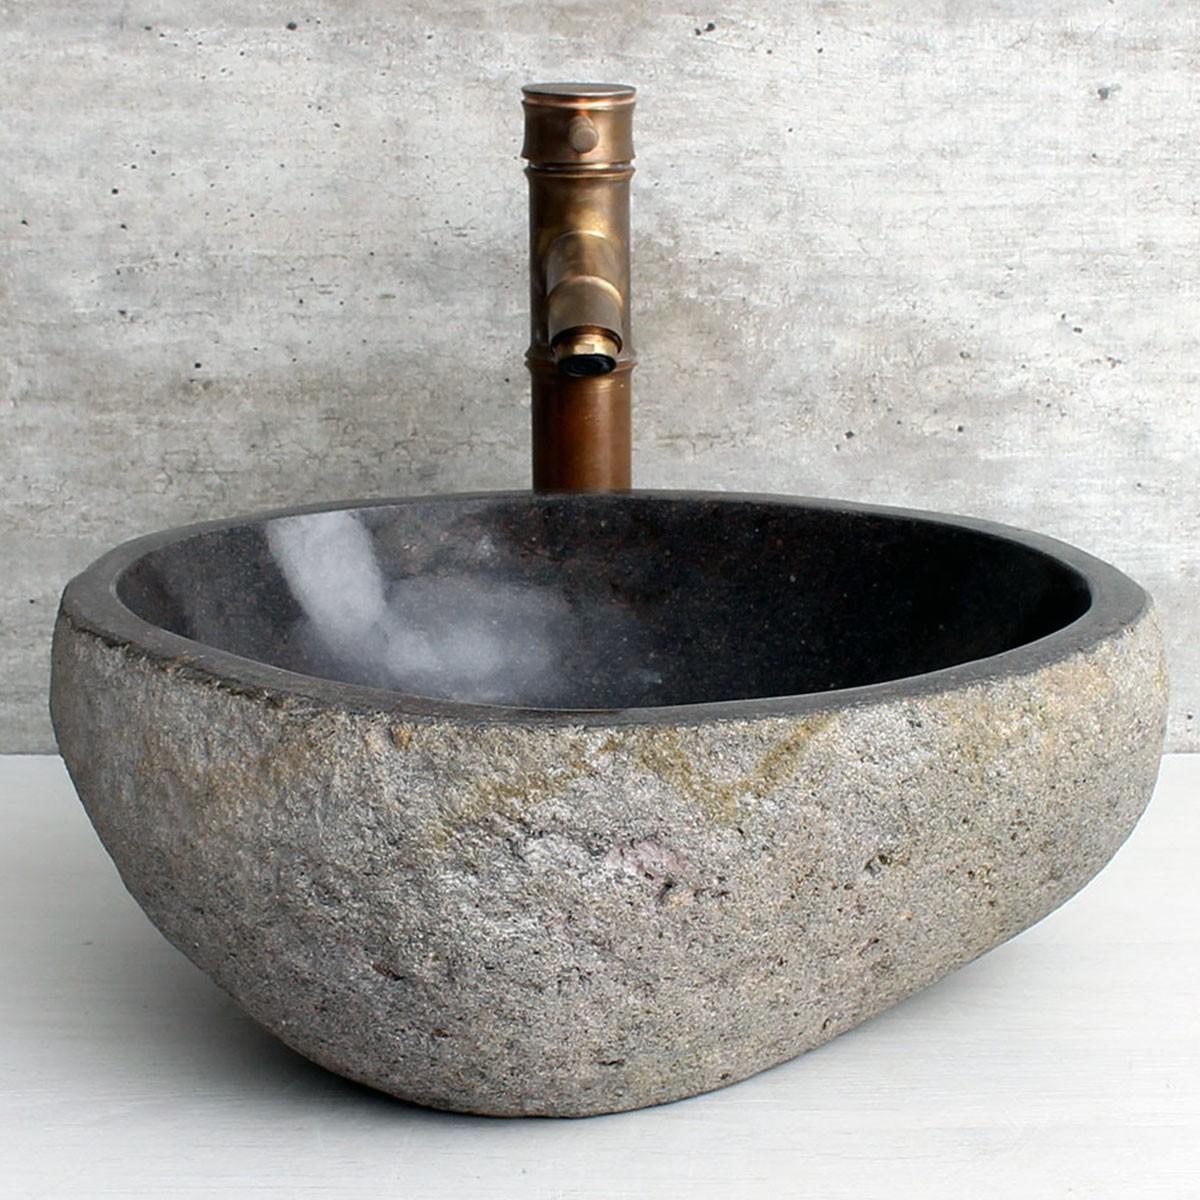 Cuba de Banheiro em Pedra Natural RS1161 37x33x15cm